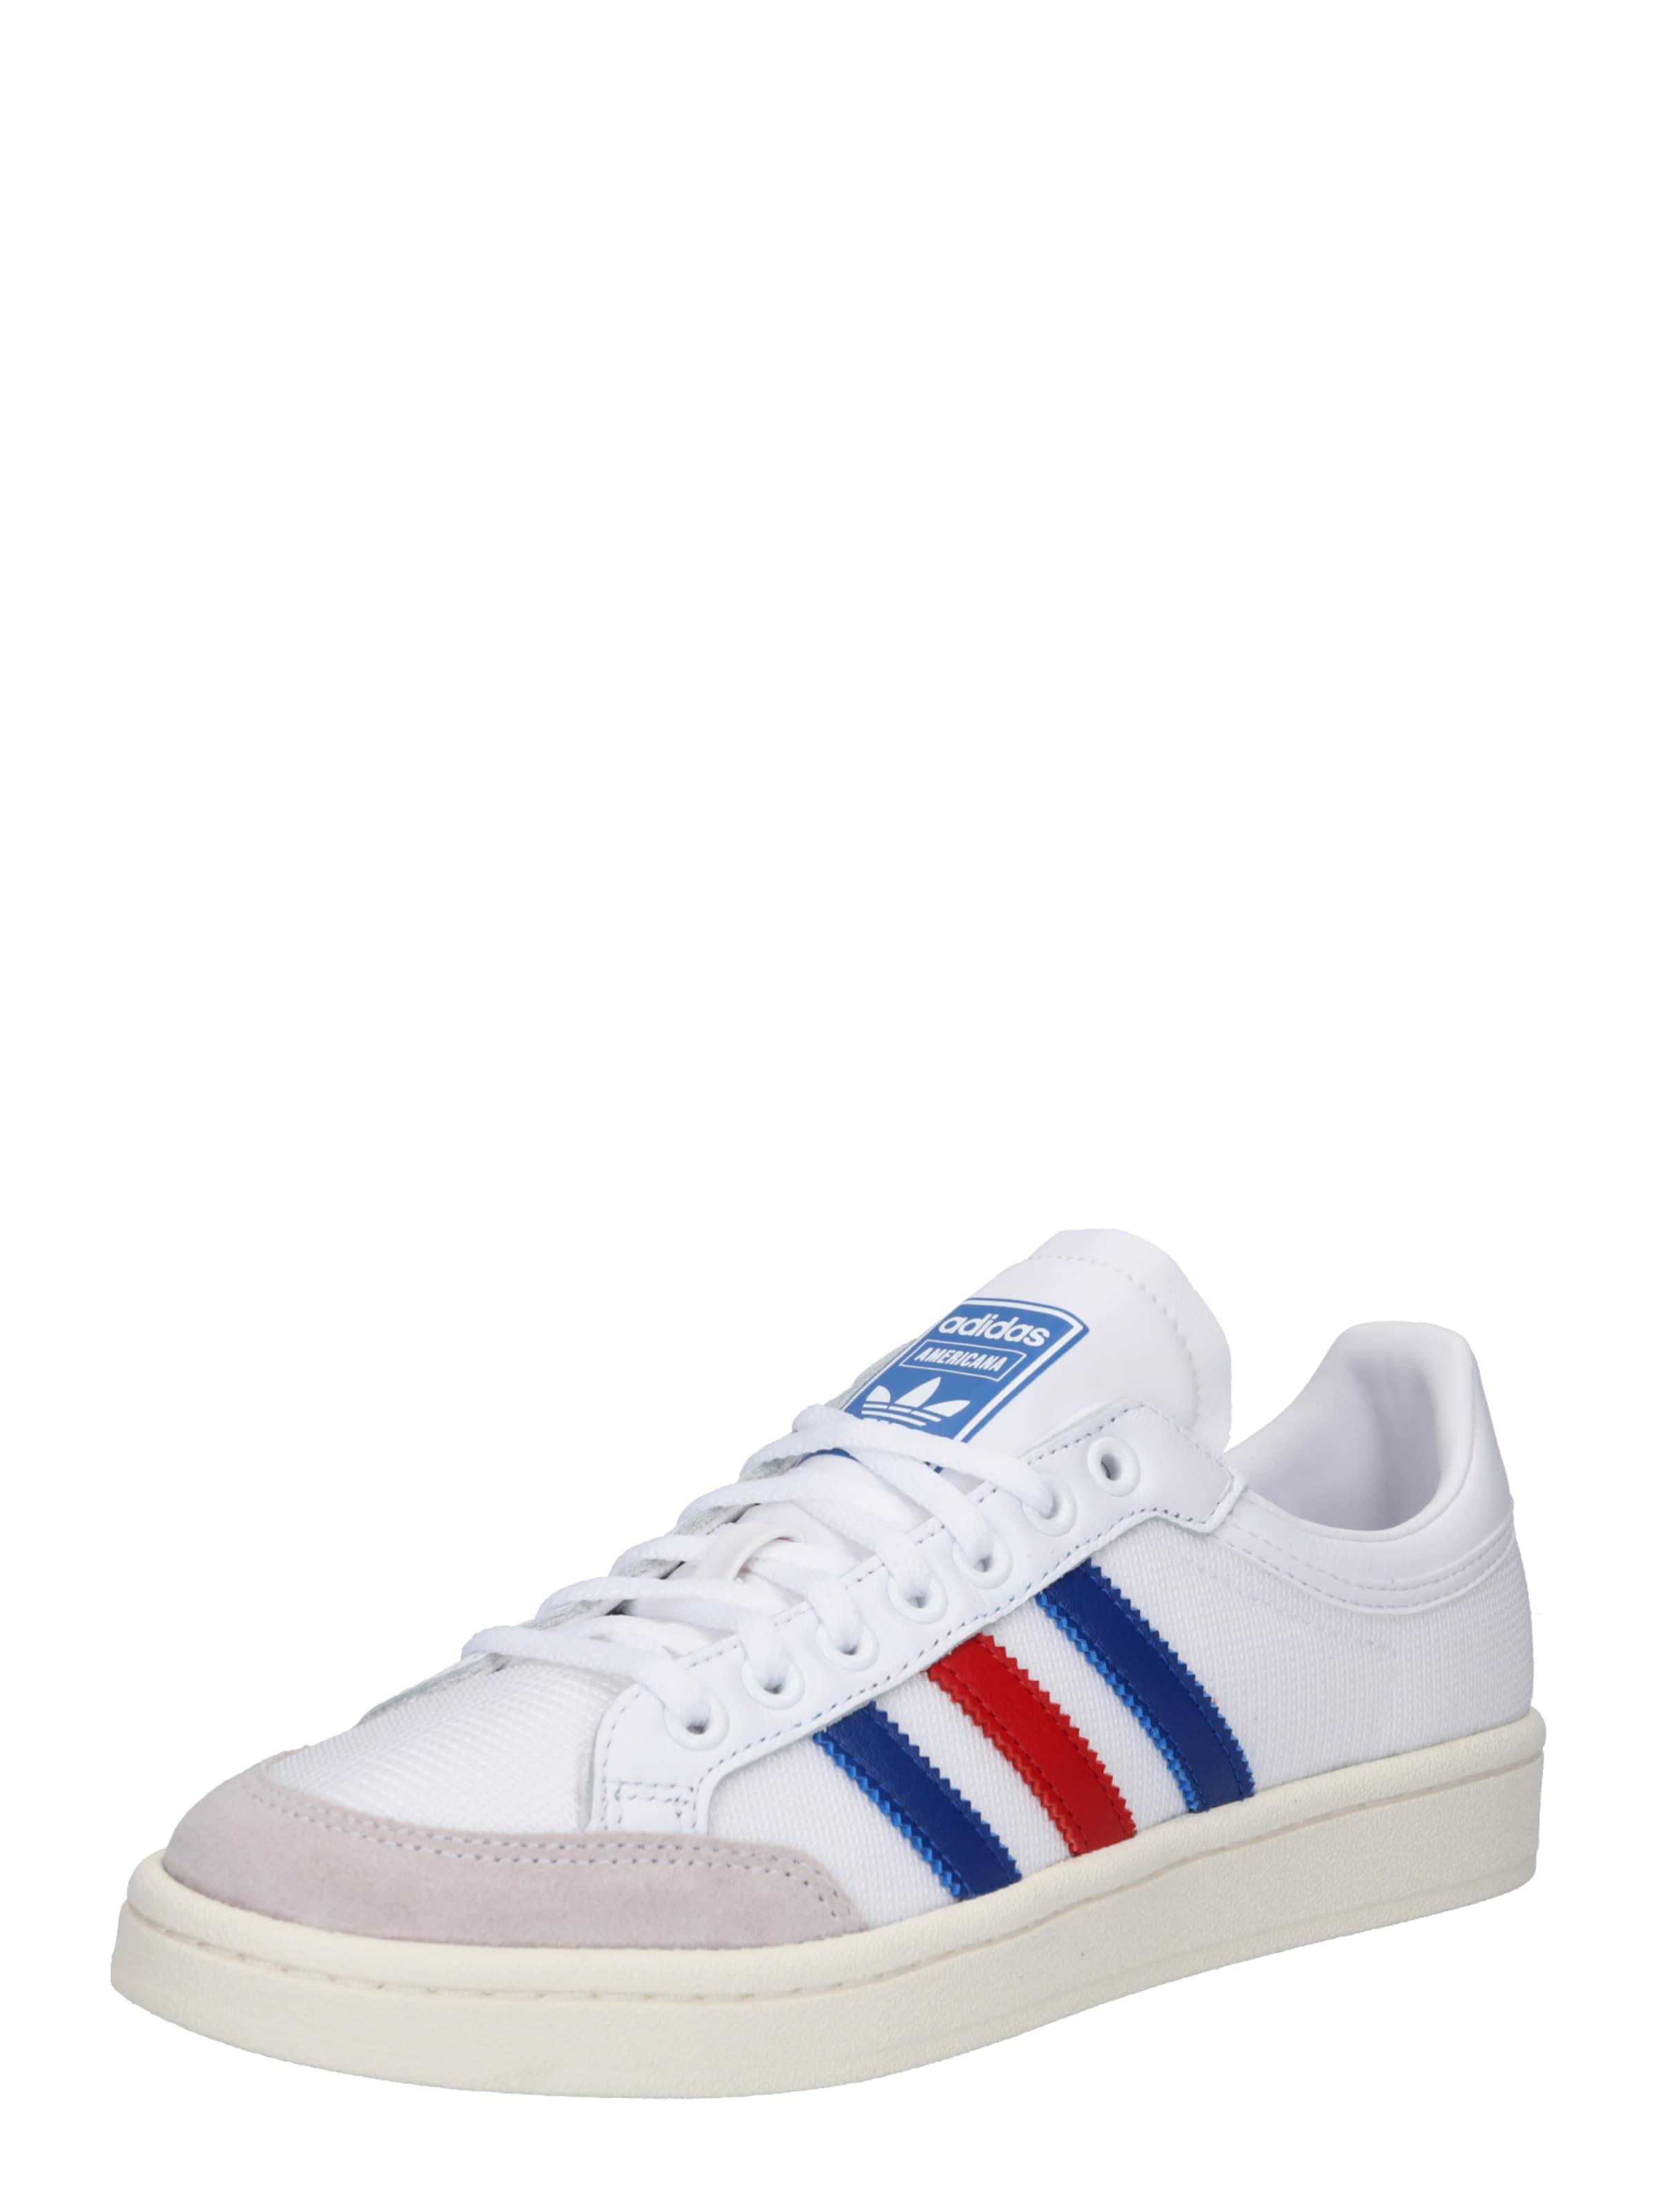 klassische Schuhe wo kann ich kaufen 100% original adidas